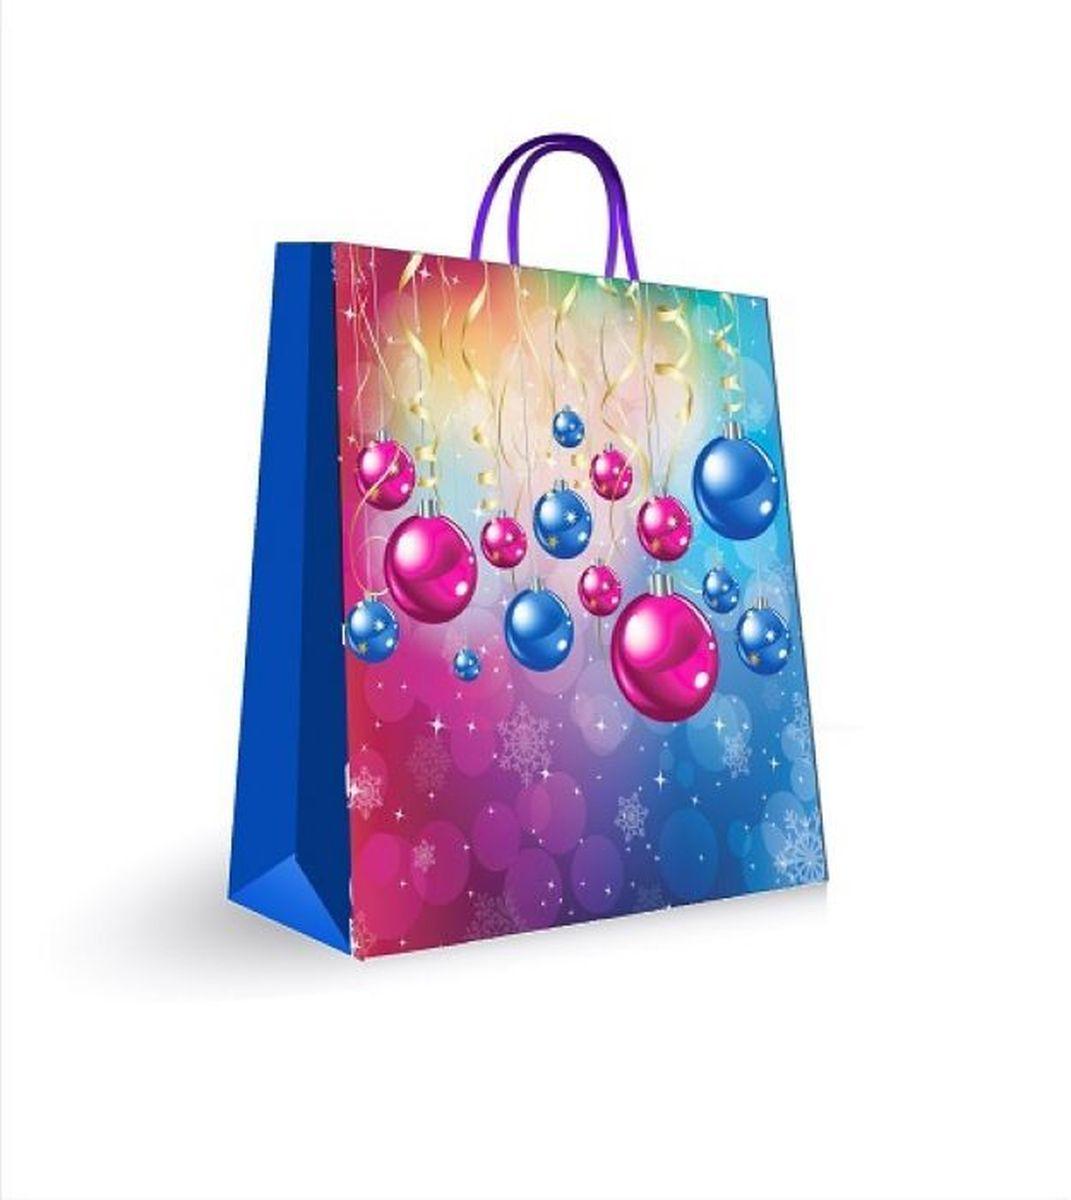 Пакет подарочный Magic Time, цвет: синий, 18 х 23 х 10 см. 3144831448Подарочный пакет Magic Time, изготовленный из плотной бумаги, станет незаменимым дополнением к выбранному подарку. Для удобной переноски на пакете имеются две ручки из шнурков.Подарок, преподнесенный в оригинальной упаковке, всегда будет самым эффектным и запоминающимся. Окружите близких людей вниманием и заботой, вручив презент в нарядном, праздничном оформлении.